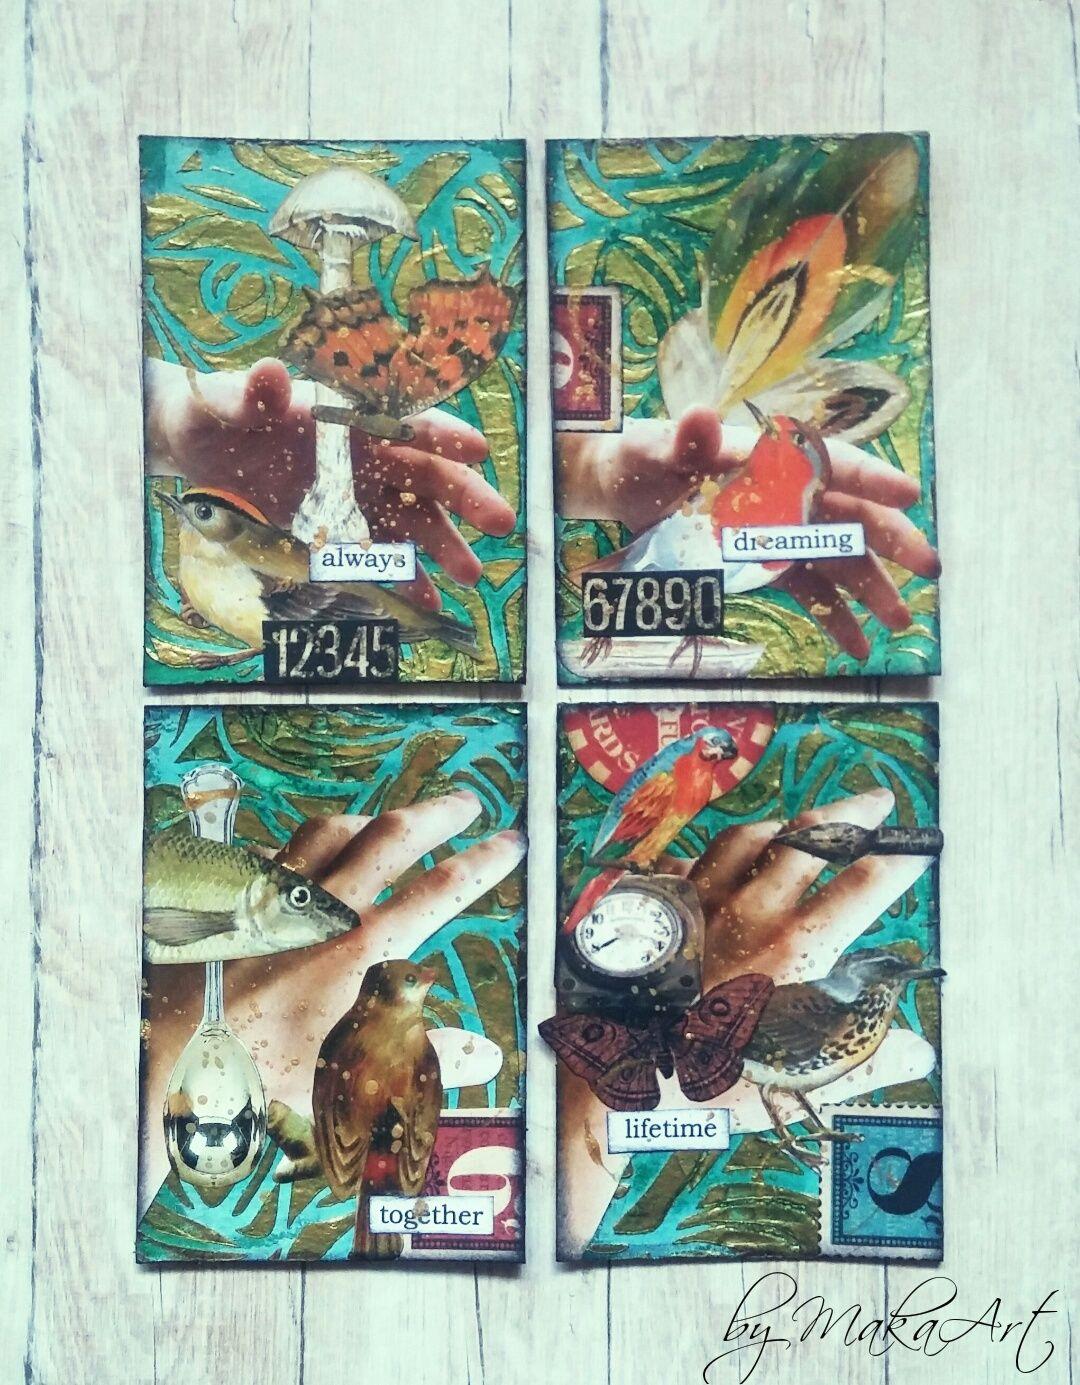 """ATC Set """"Evergreen"""" Môjaktuálny príspevok na ScrapArt.cz   prináša inšpiráciu v podobedvoch ATC setov na jesennú tematiku v hrejivej palete farieb...   Spo..."""